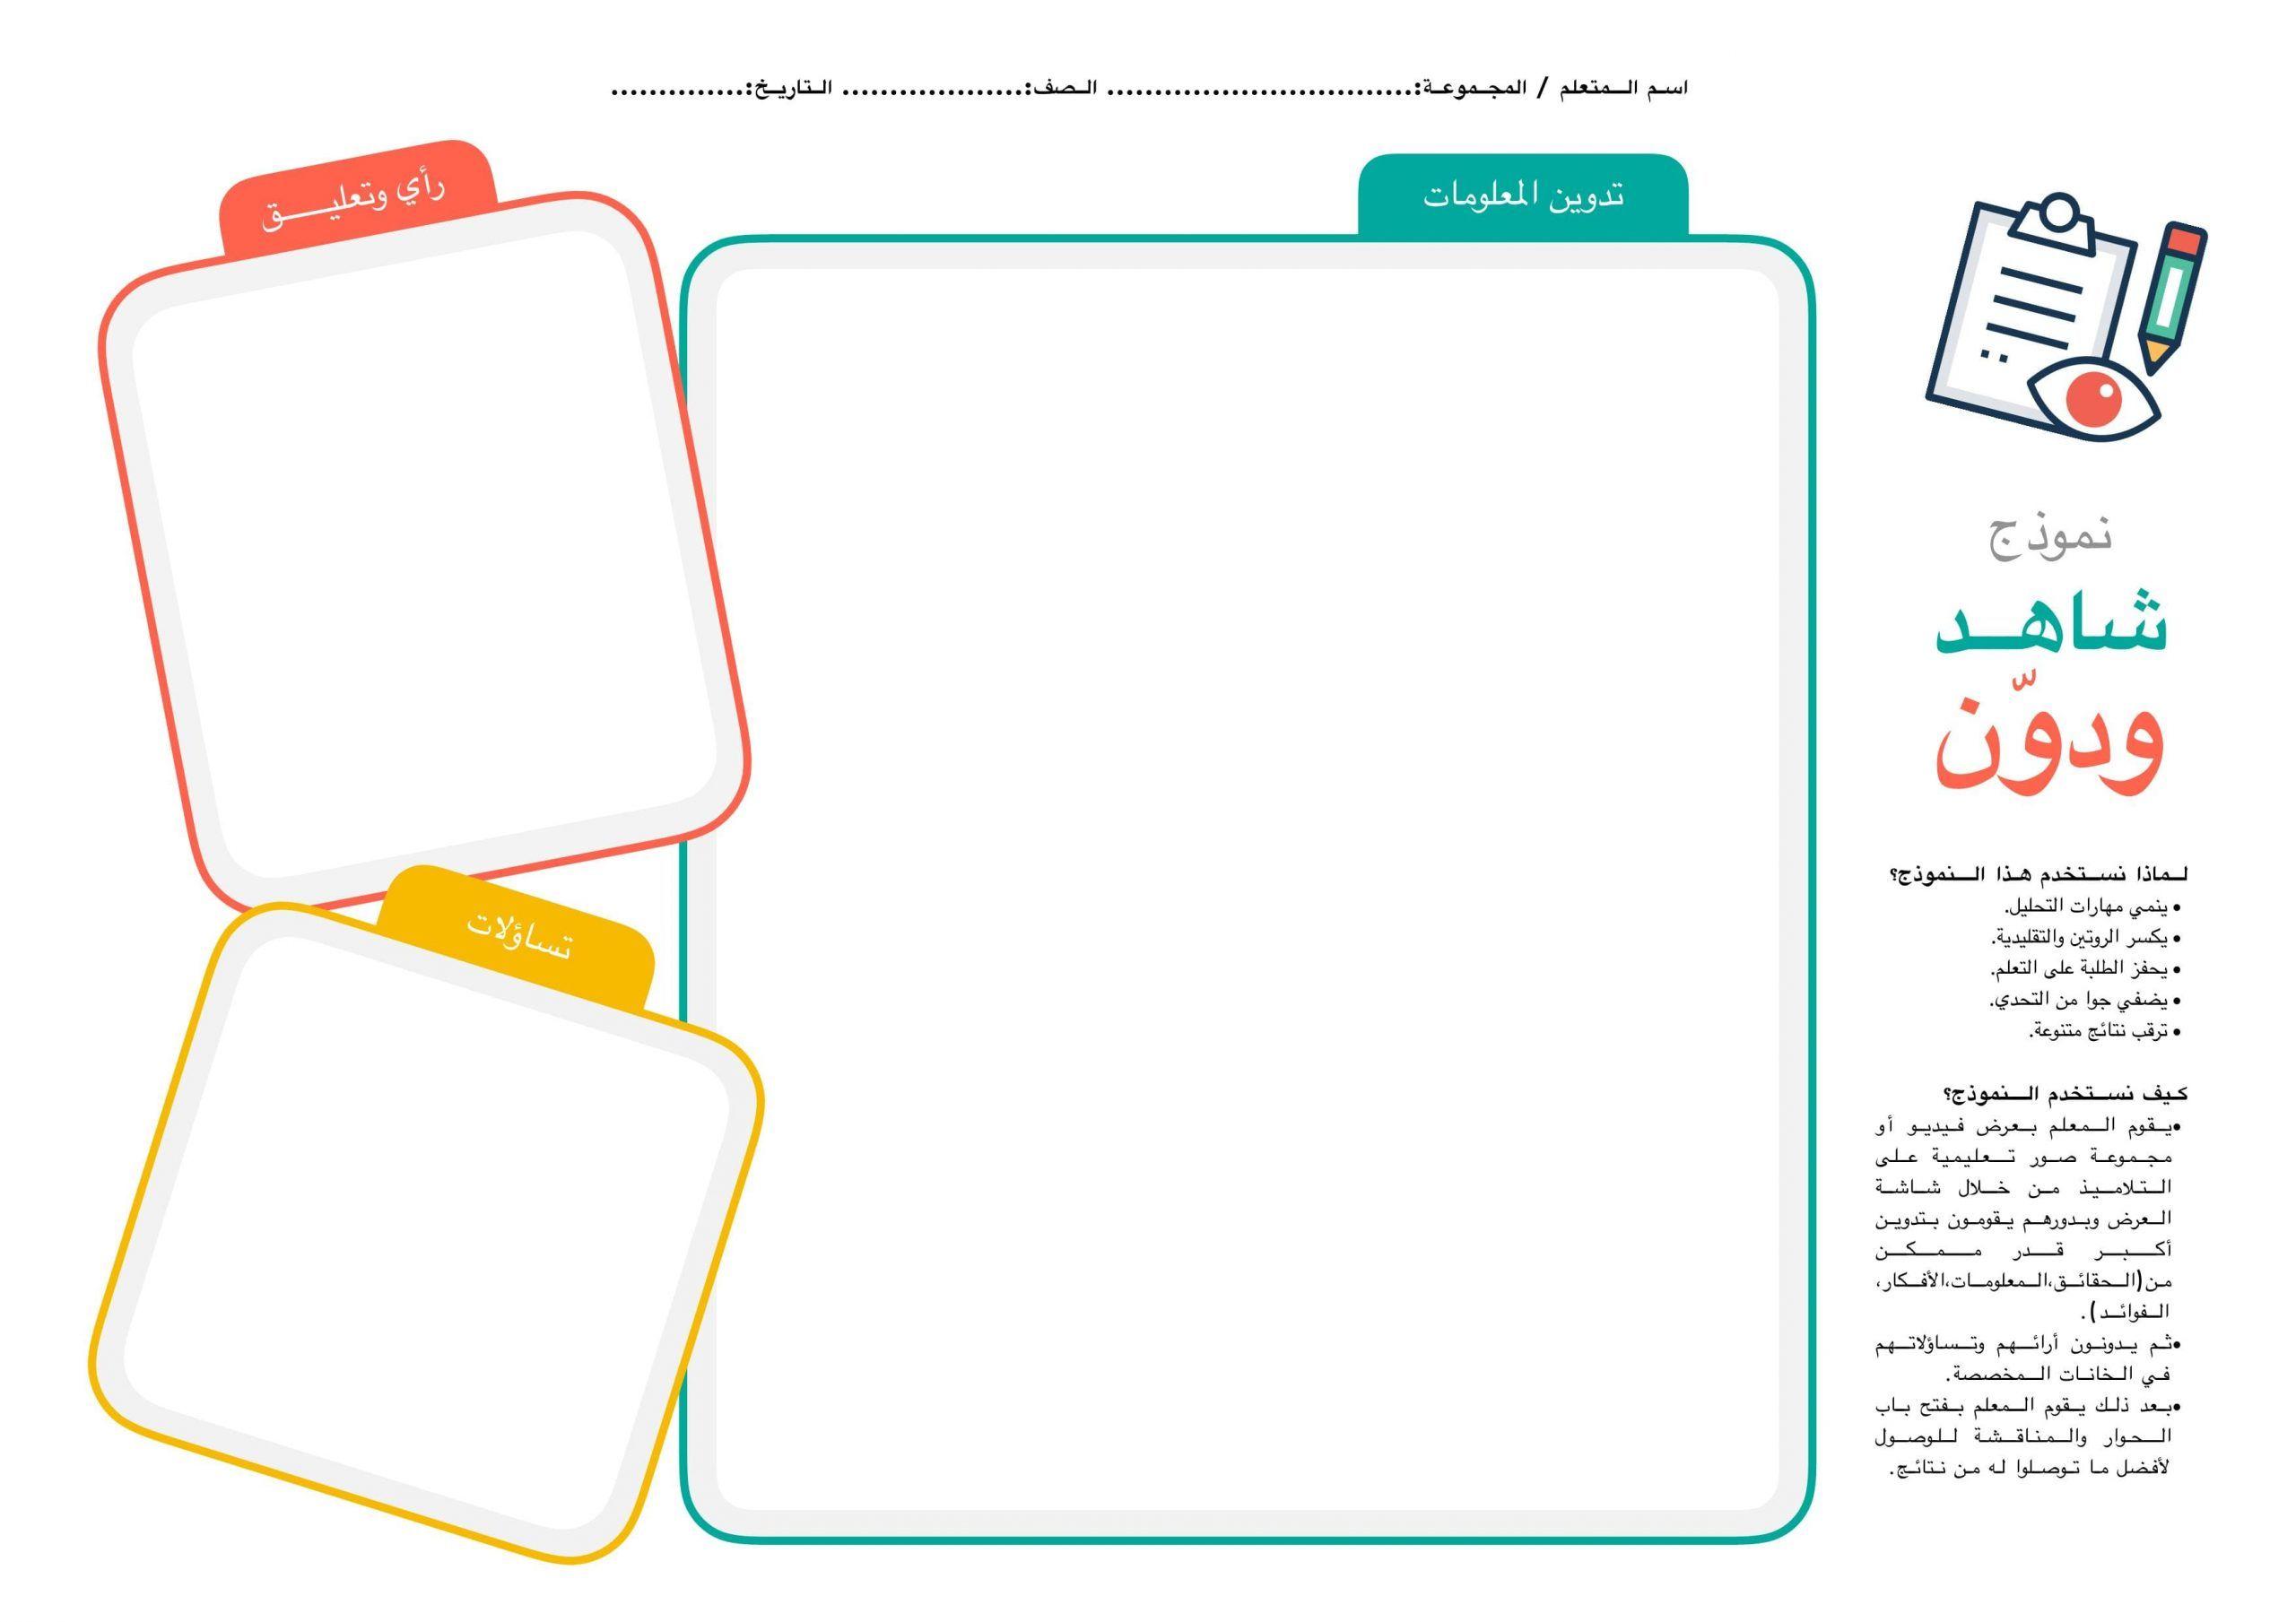 استراتيجية اشاهد وادون مميزة لتحفيز الطلبه على التعلم Math Gaming Logos Lily